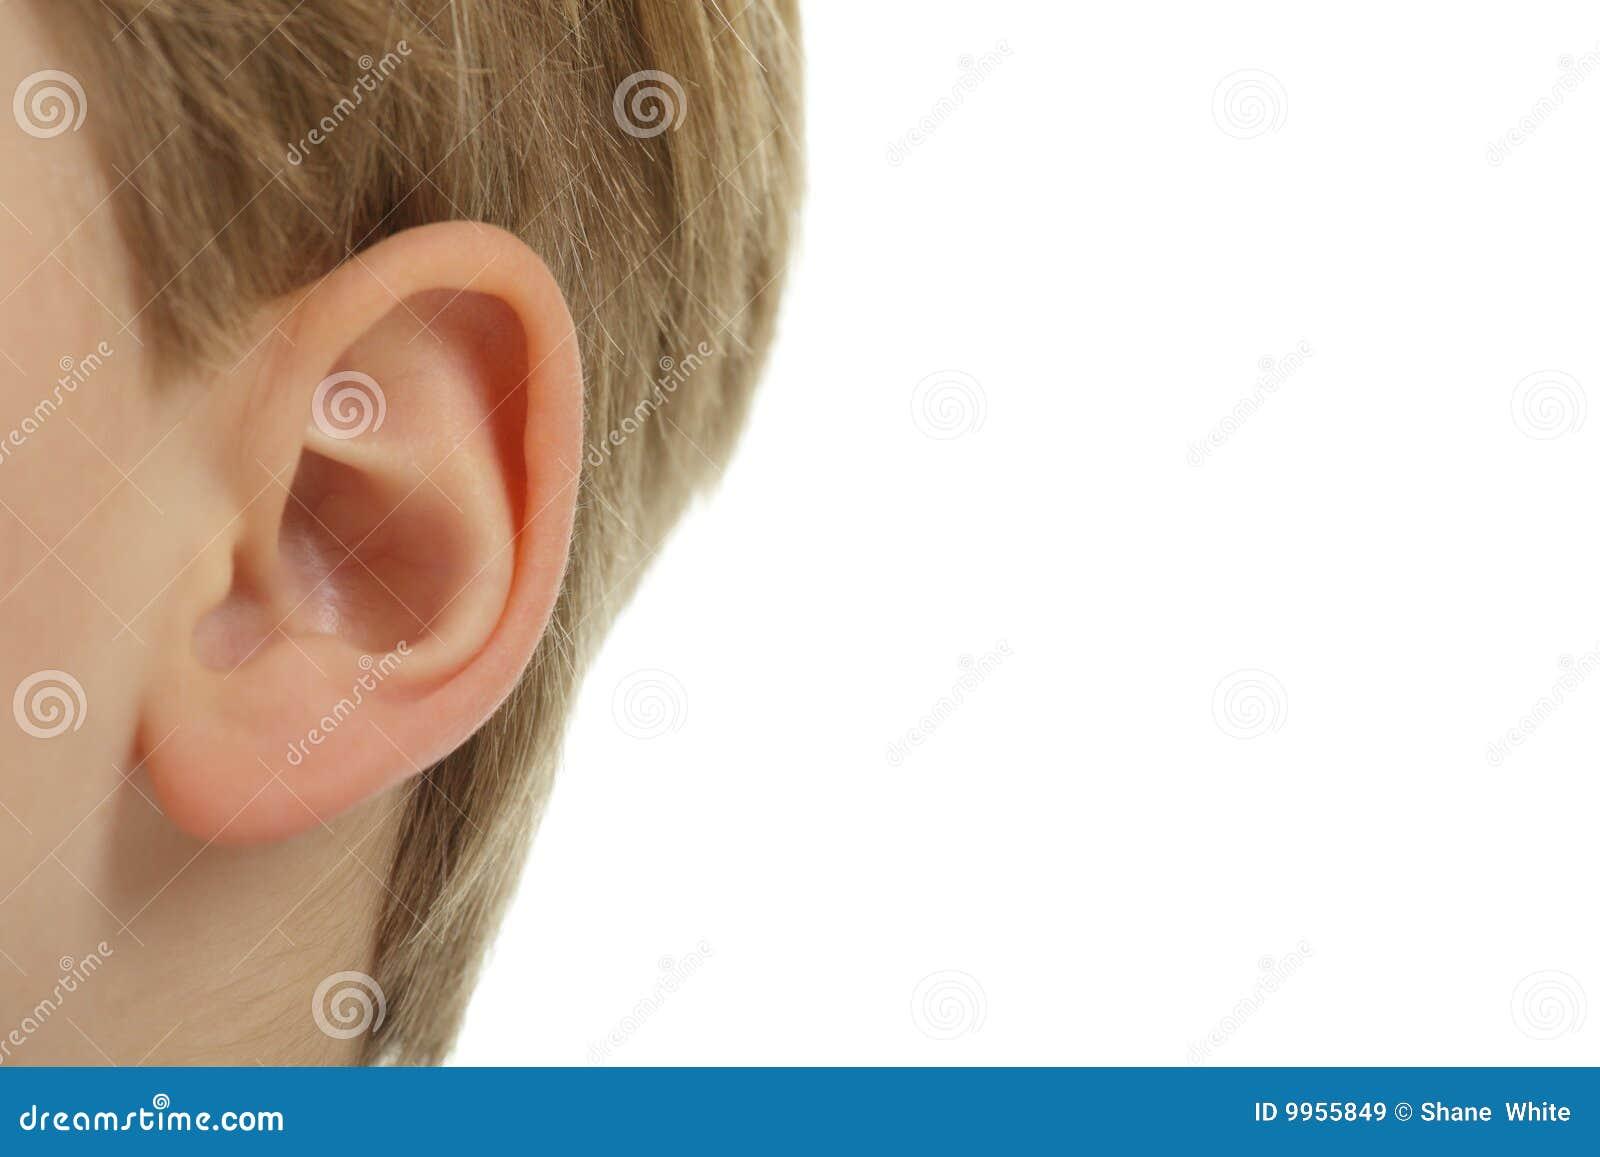 The ear.